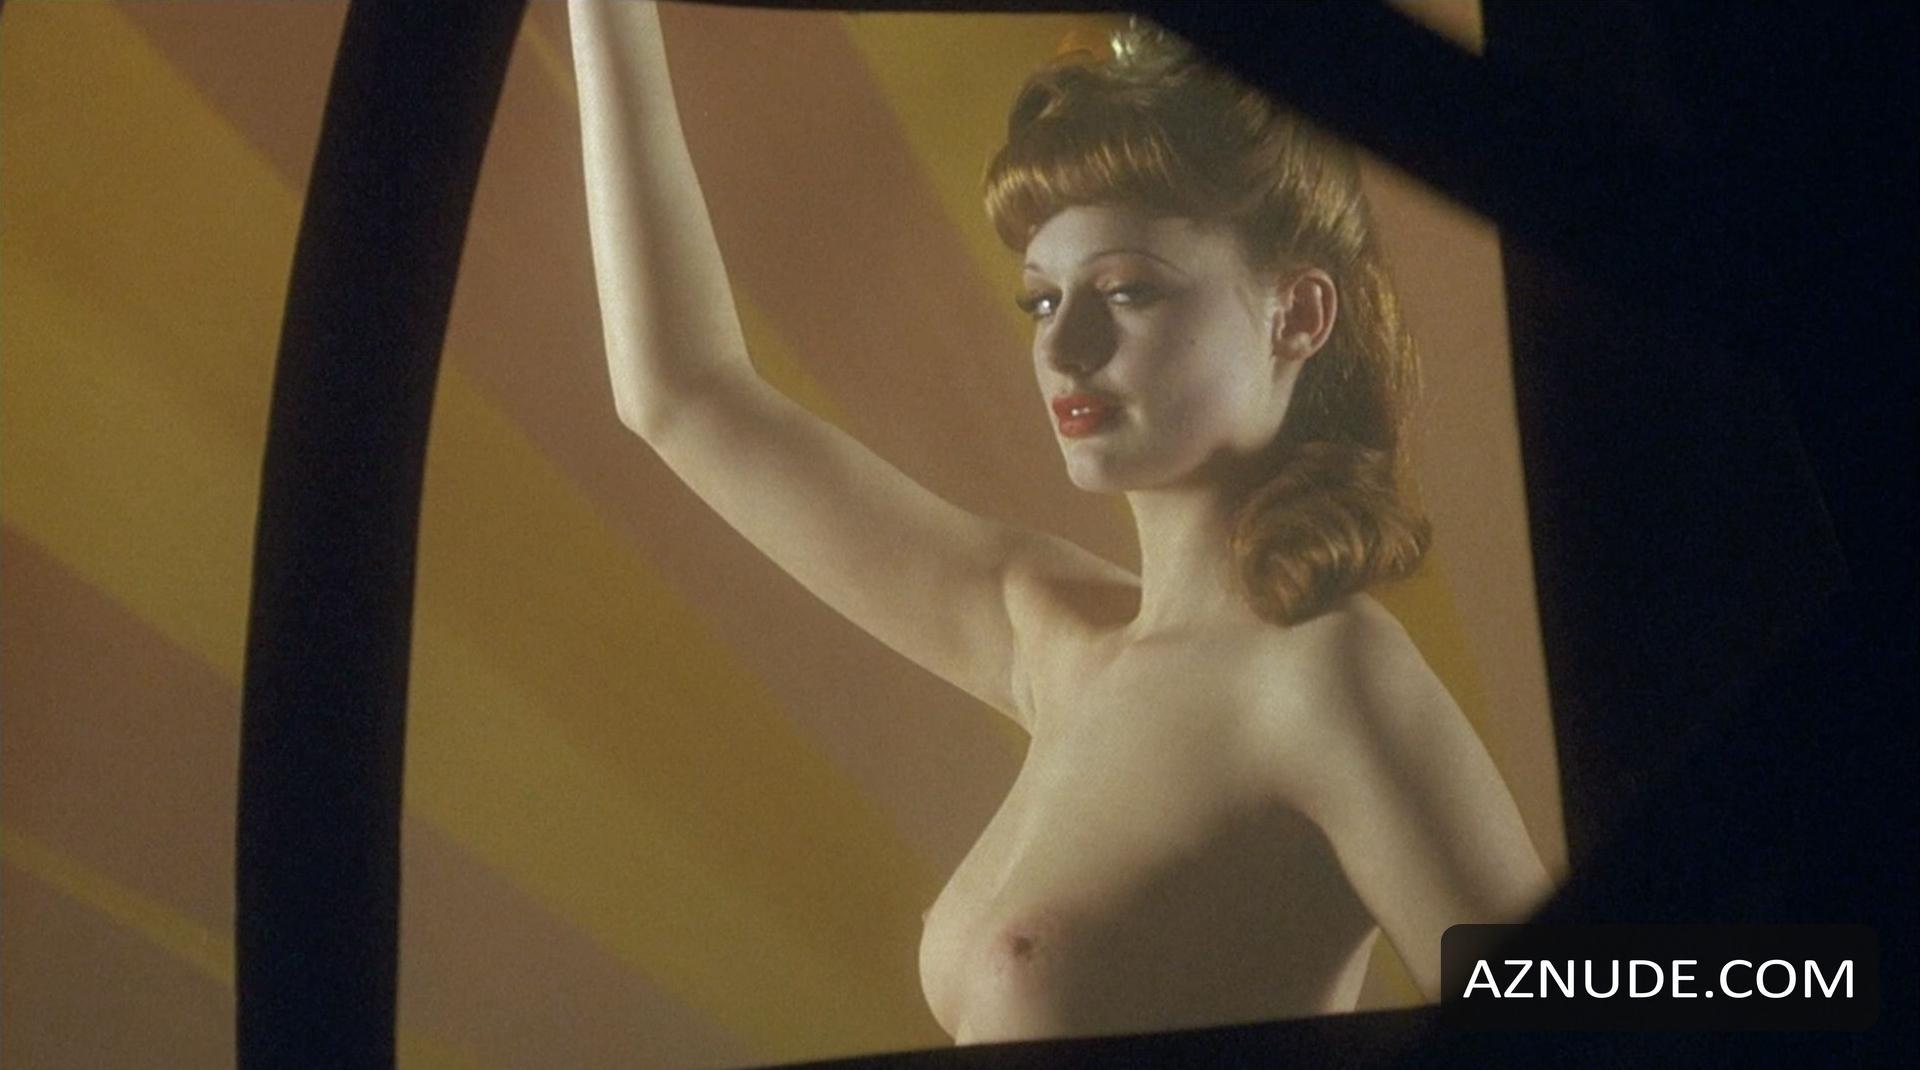 Pity, Mrs nevada nude pics